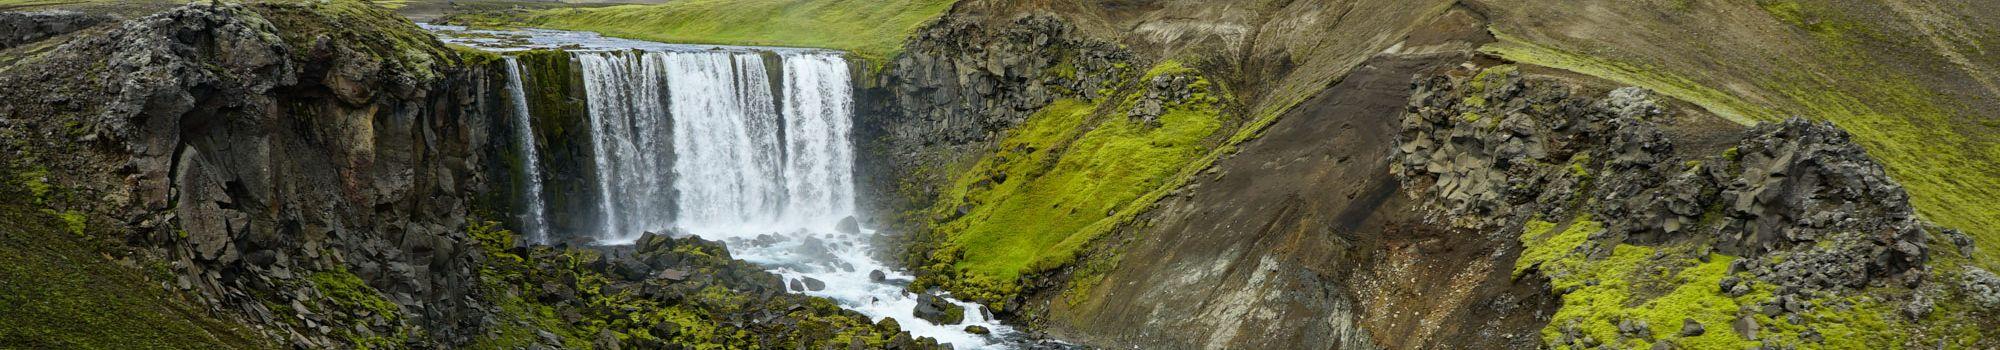 Laugavegur-trek-backpacking-Iceland